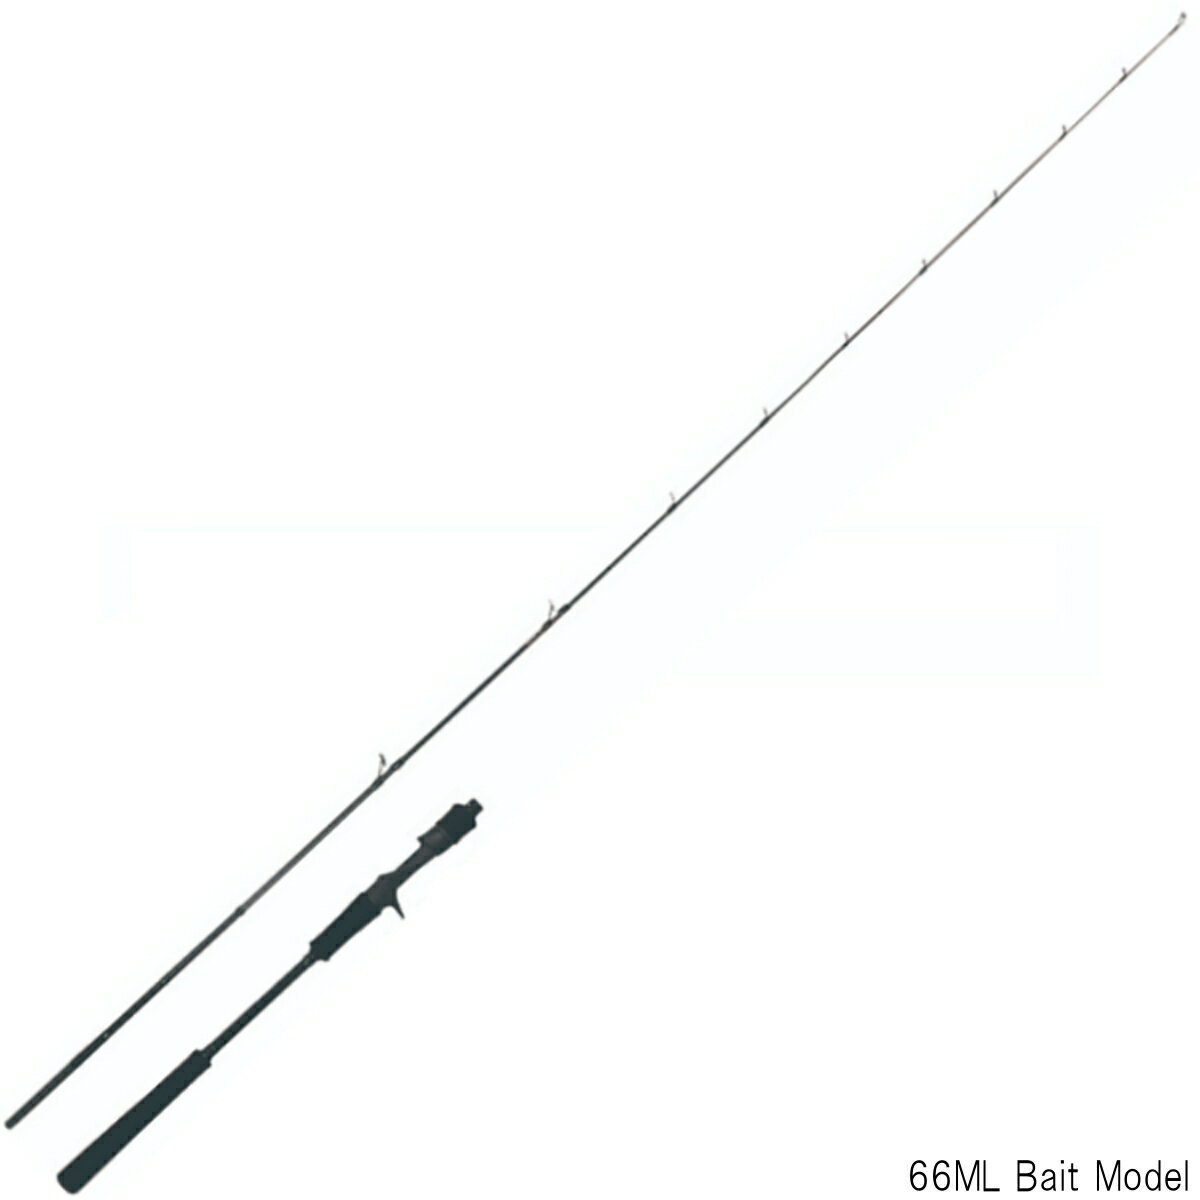 ヤマガブランクス SeaWalk Light Jigging 66ML Bait Model【大型商品】